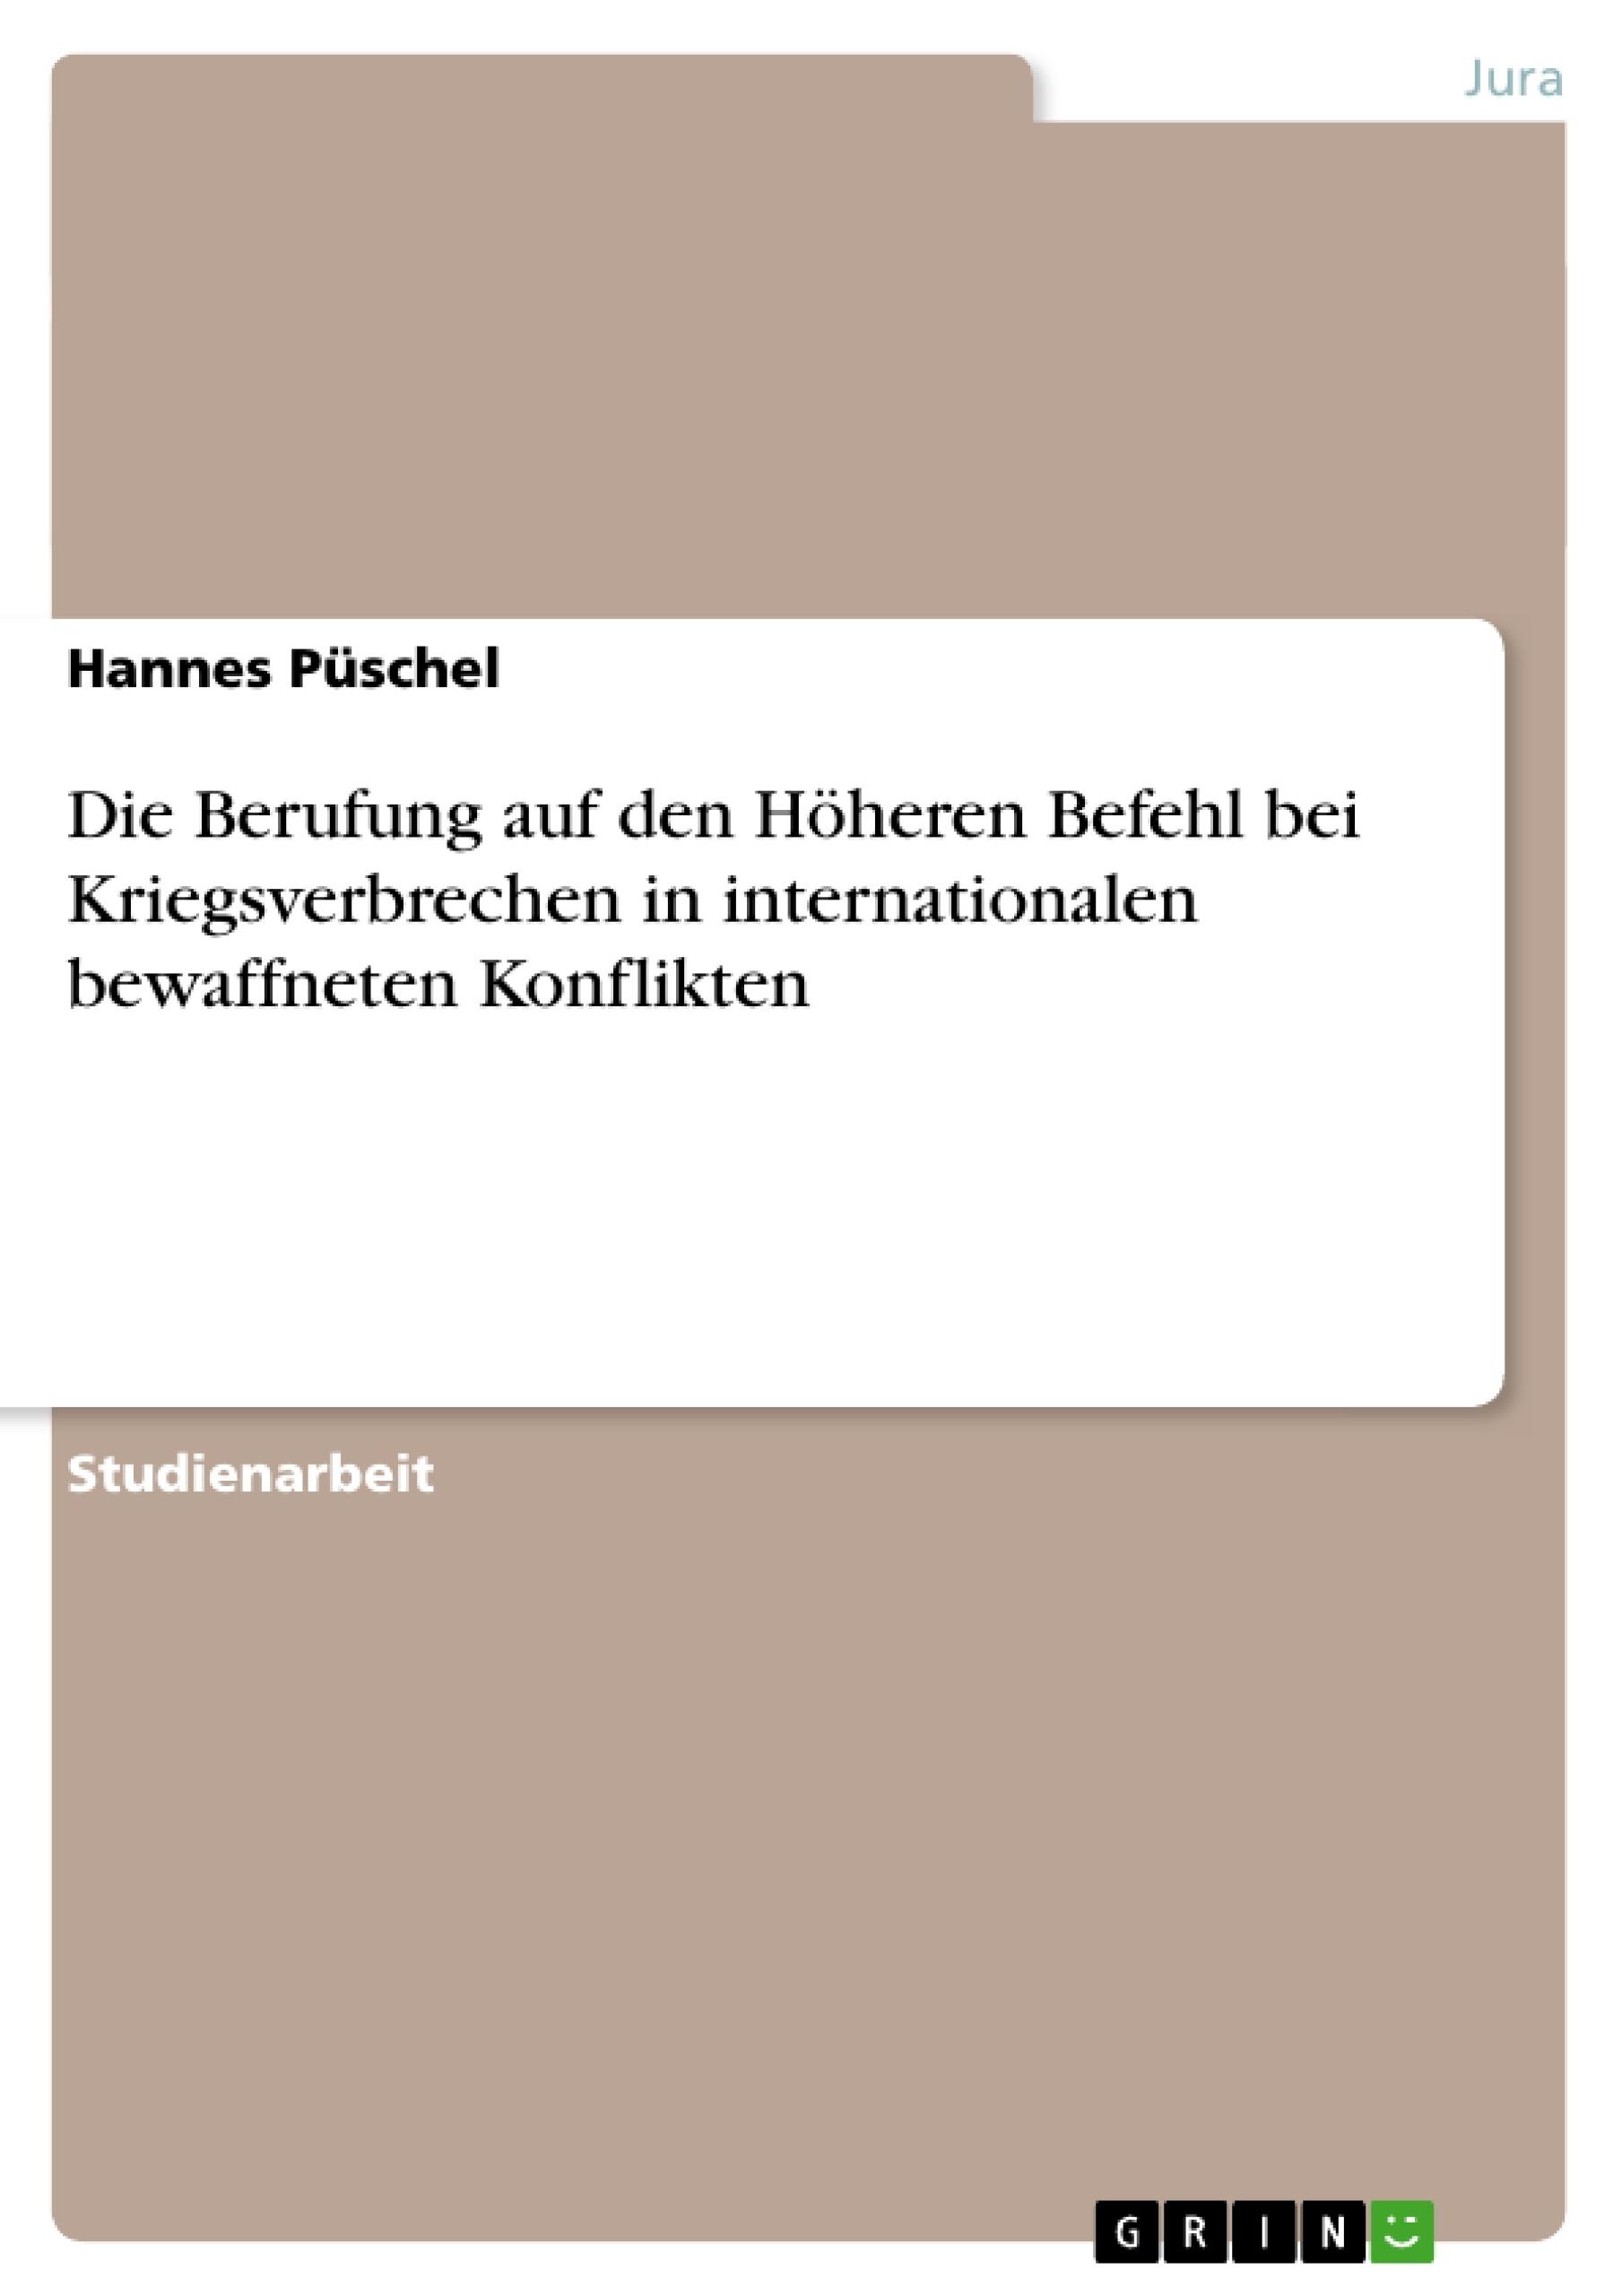 Titel: Die Berufung auf den Höheren Befehl bei Kriegsverbrechen in internationalen bewaffneten Konflikten